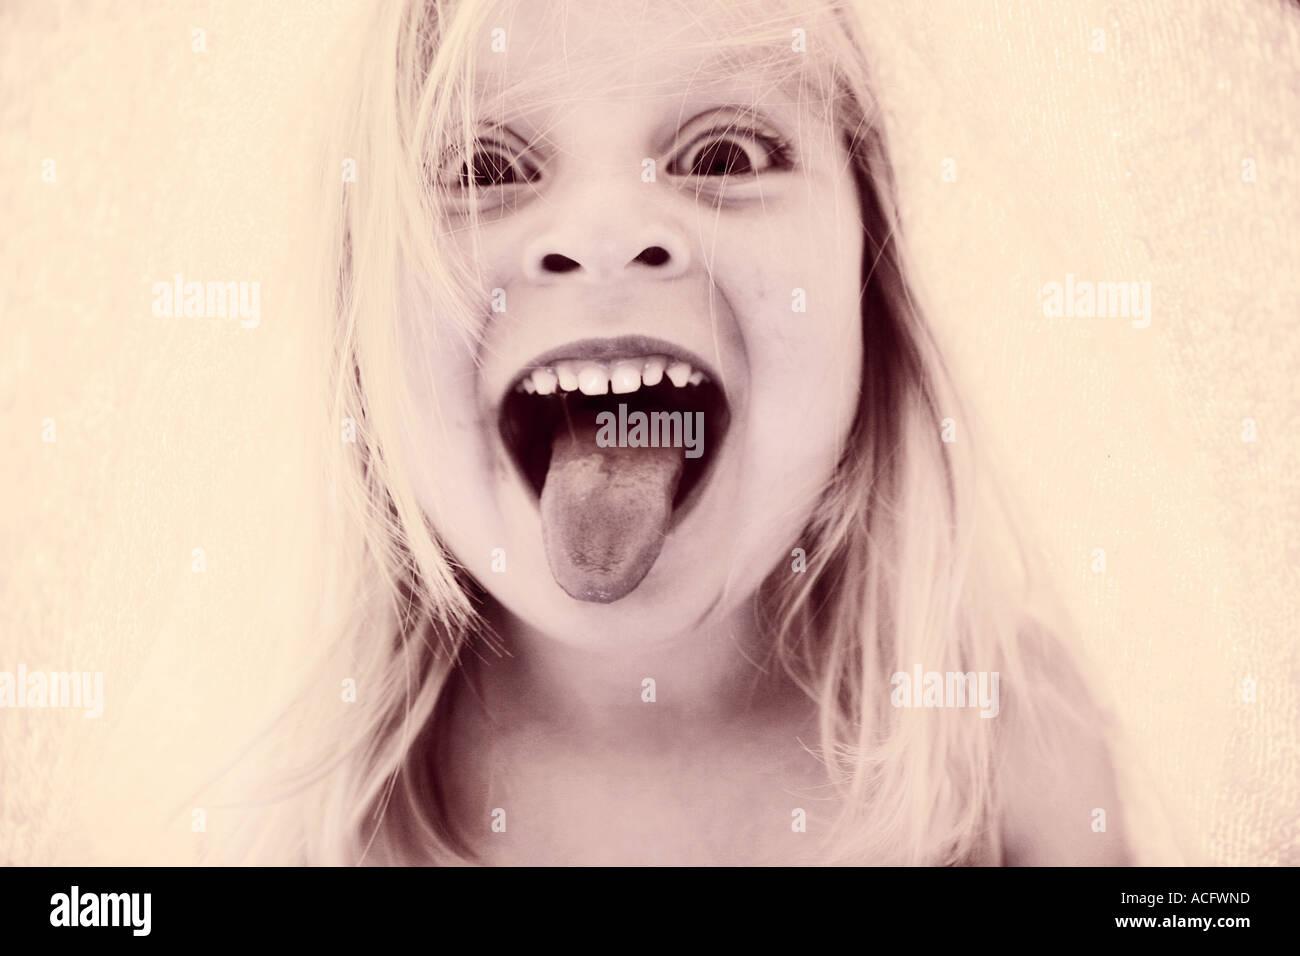 Fotografía de un niño pegada su lengua fuera Imagen De Stock